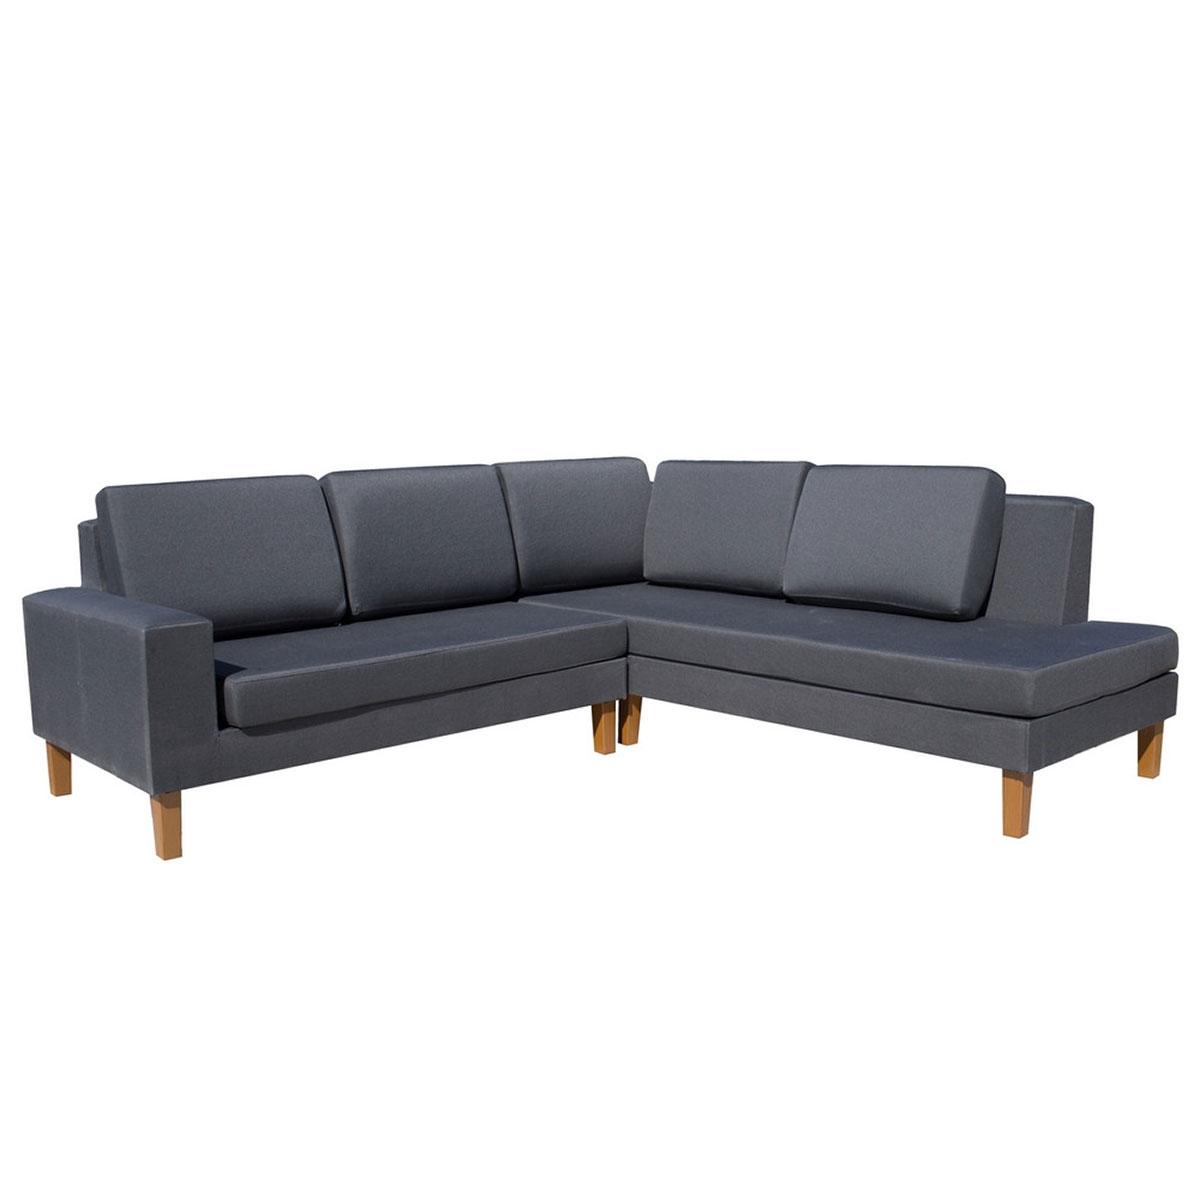 Canapé d'angle pour extérieur 100% imperméable  (Gris)